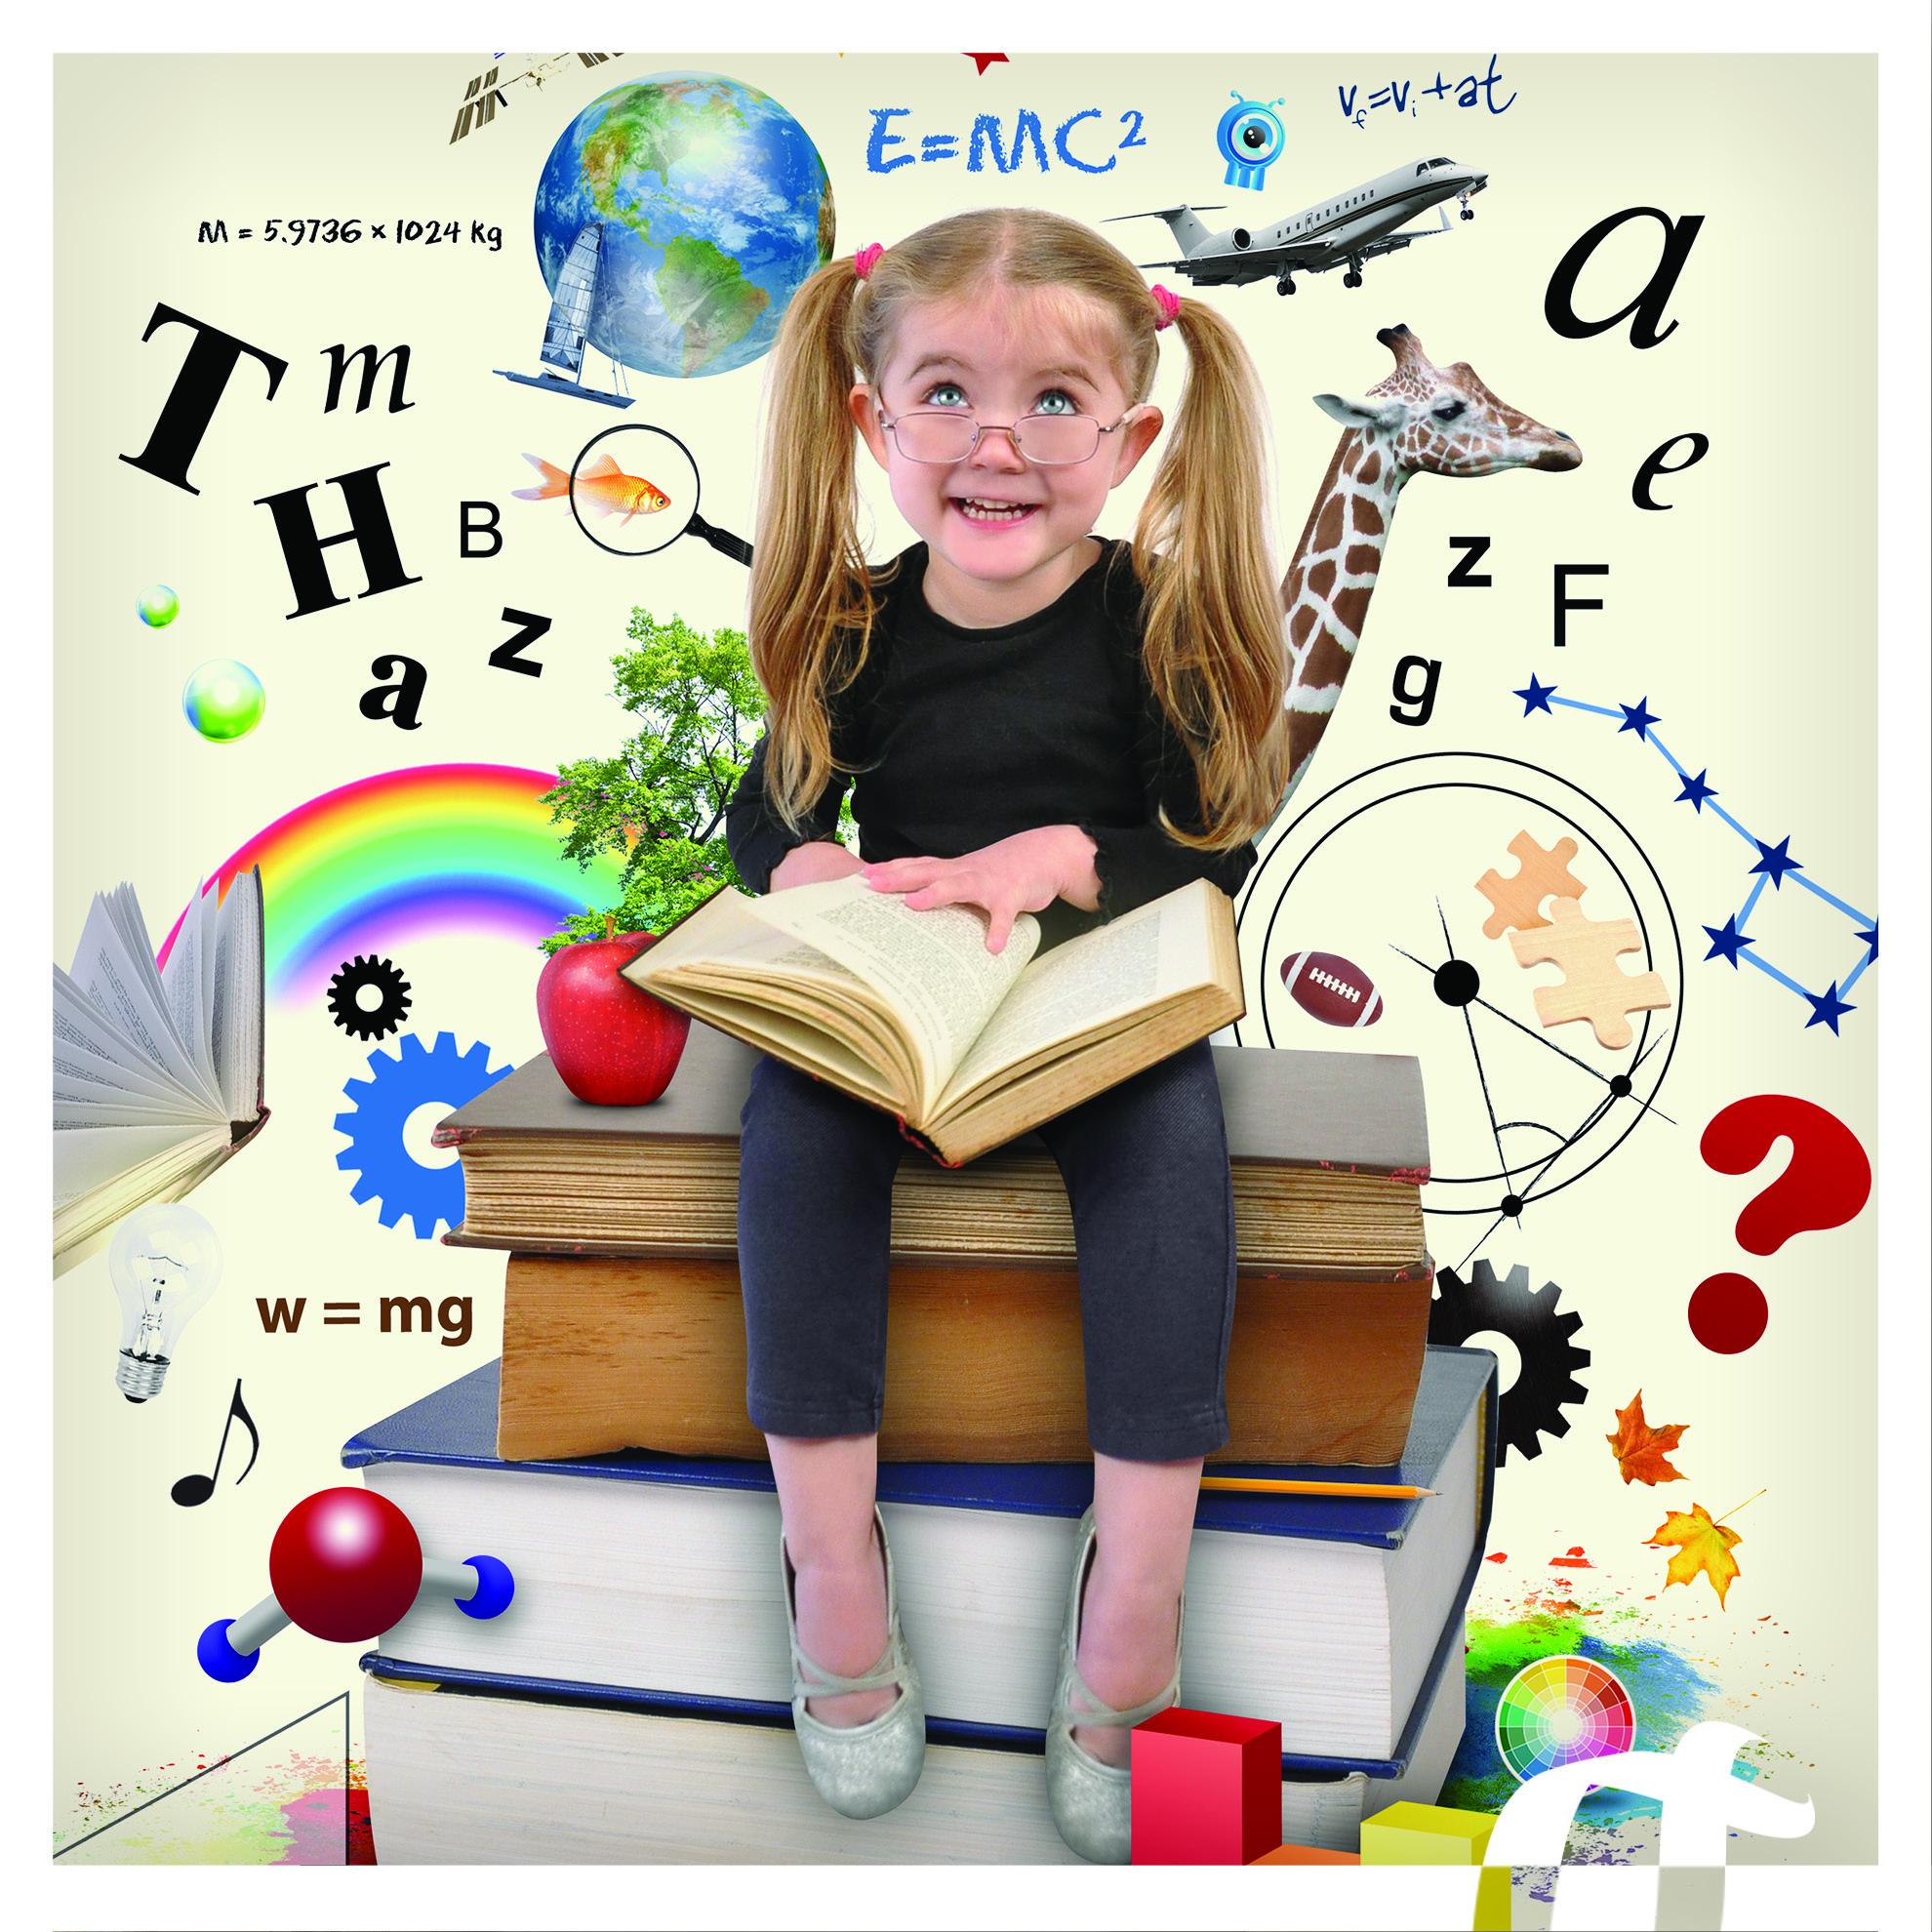 Акция «Детская справка». Исследования для детей со скидкой 15%